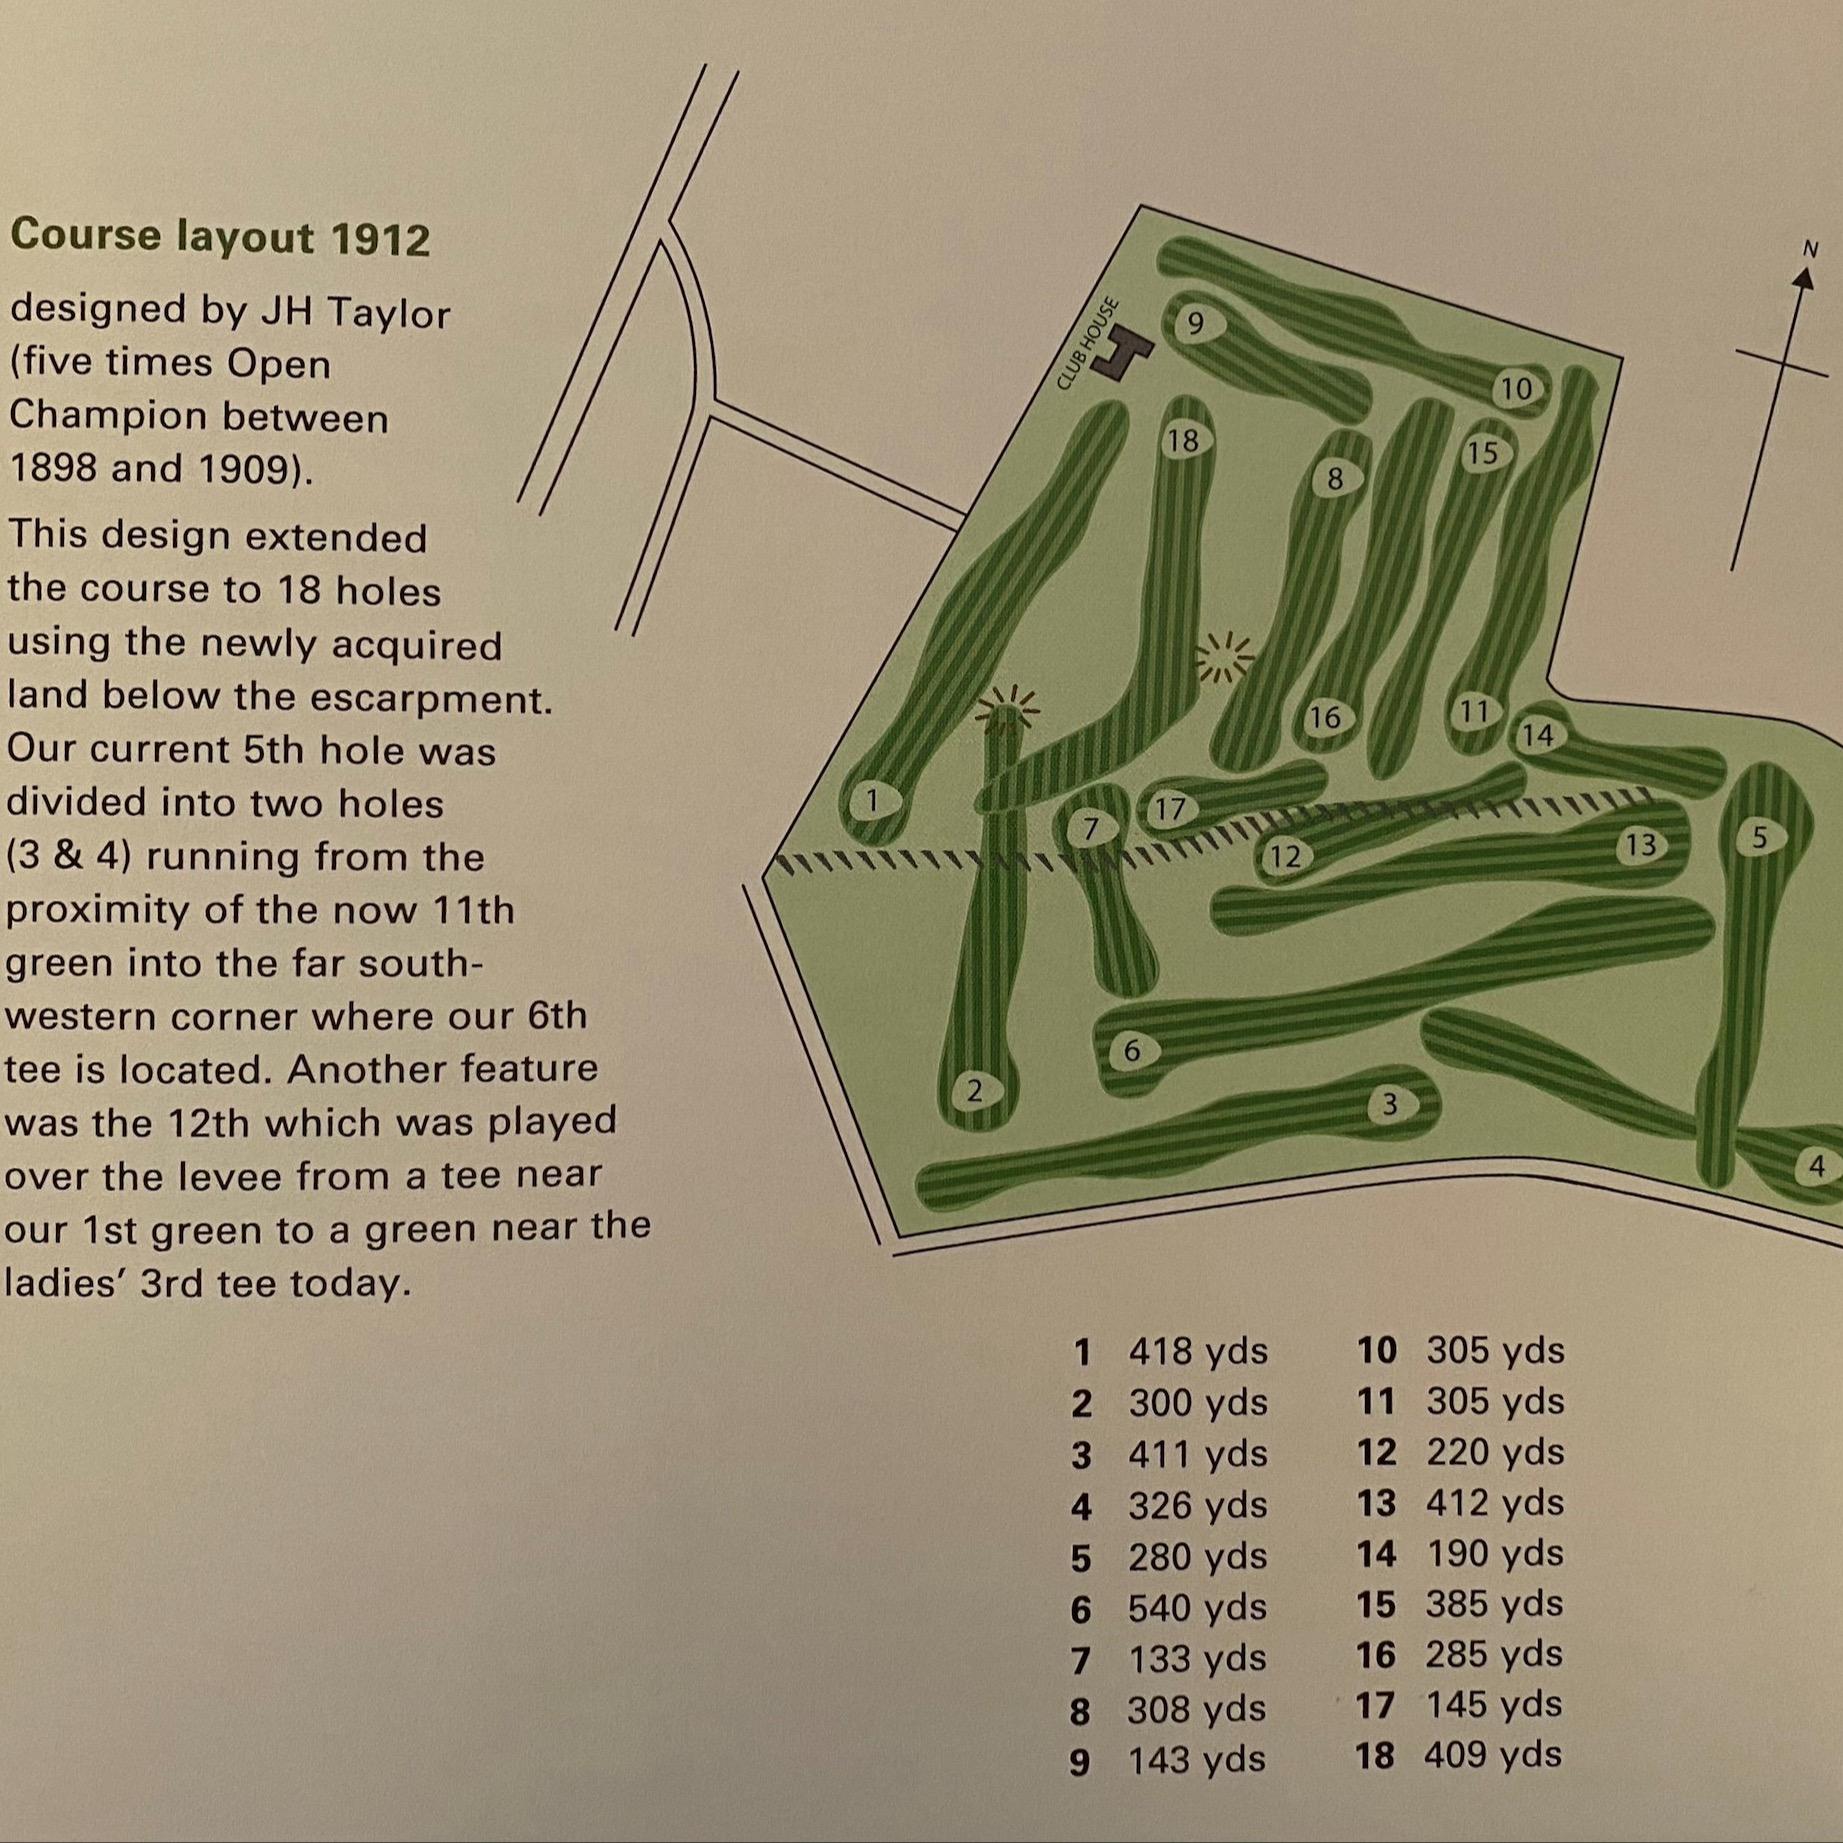 1912 Golf Course